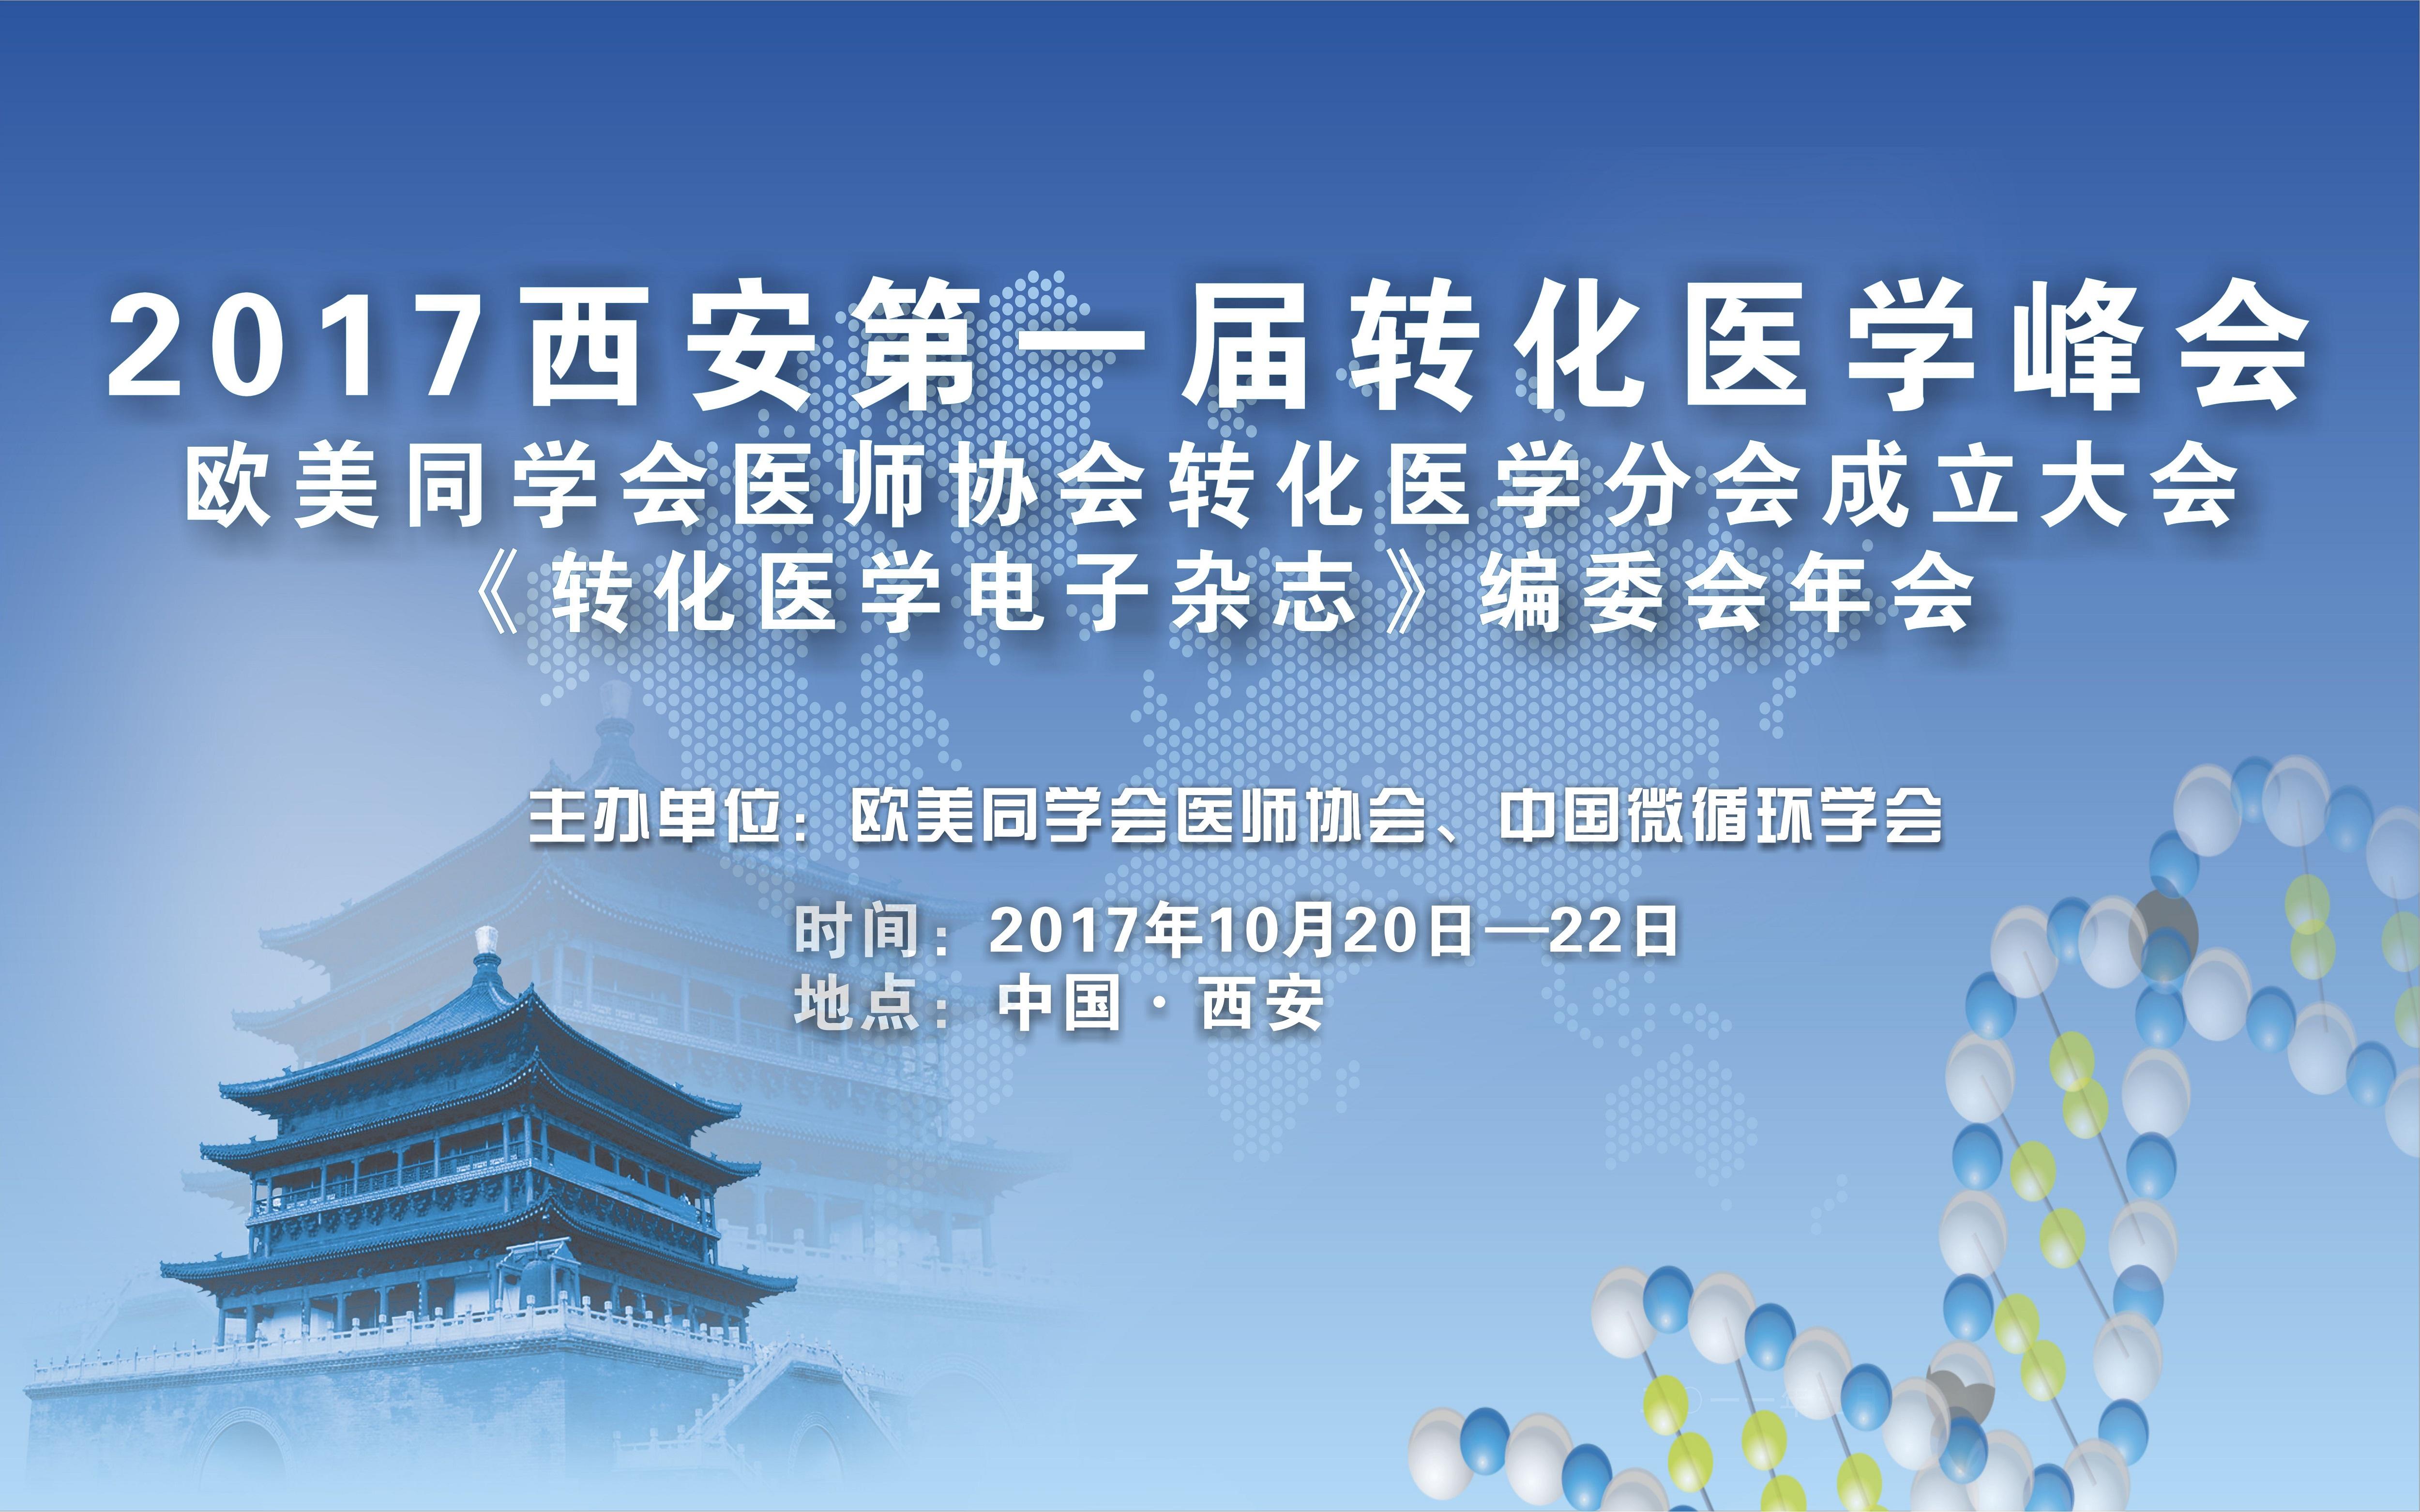 2017中国生物制品年会暨第十七次全国生物制品学术研讨会 会议